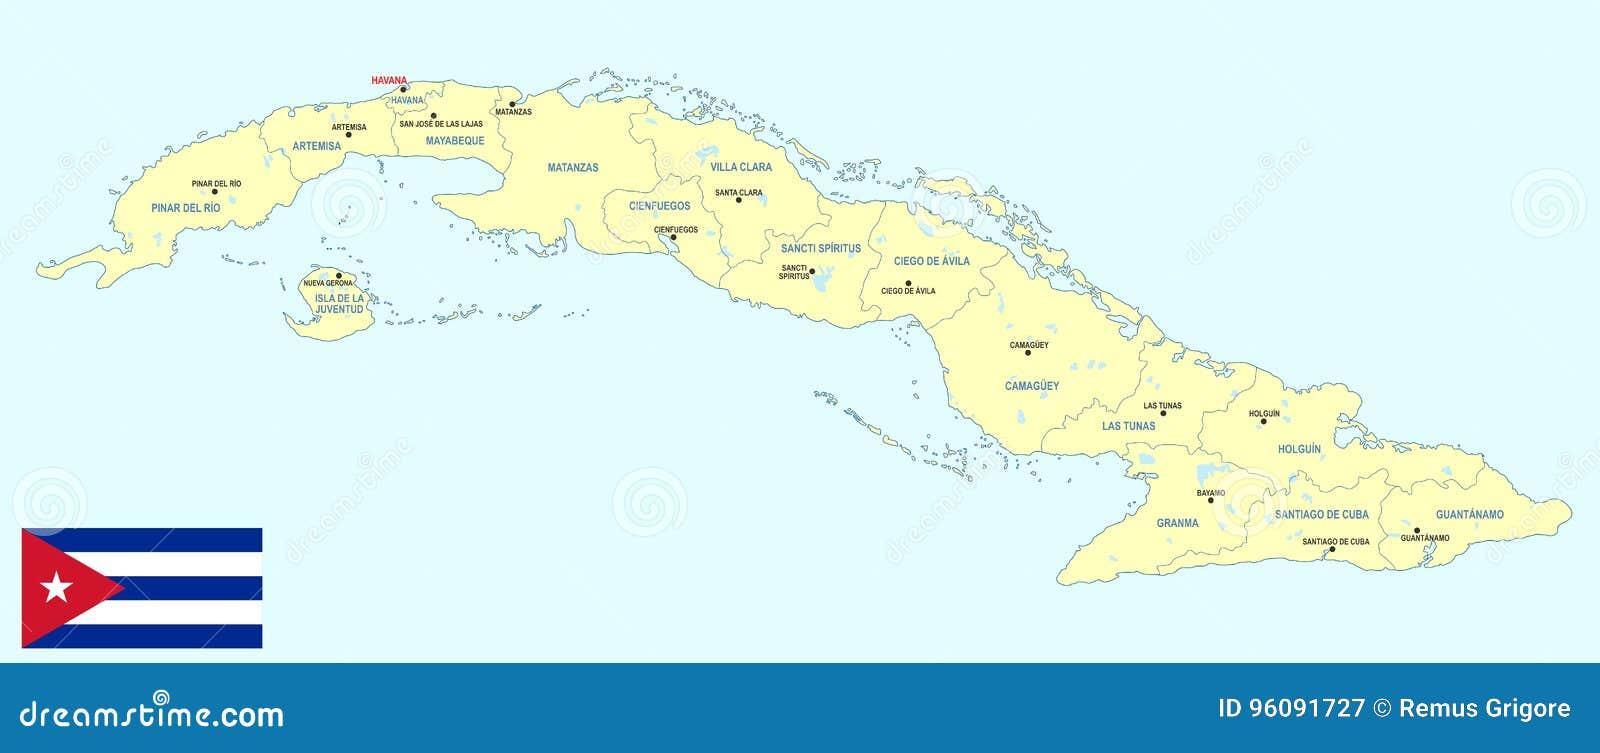 Karte Kuba.Politische Karte Von Kuba Vektor Abbildung Illustration Von Clara